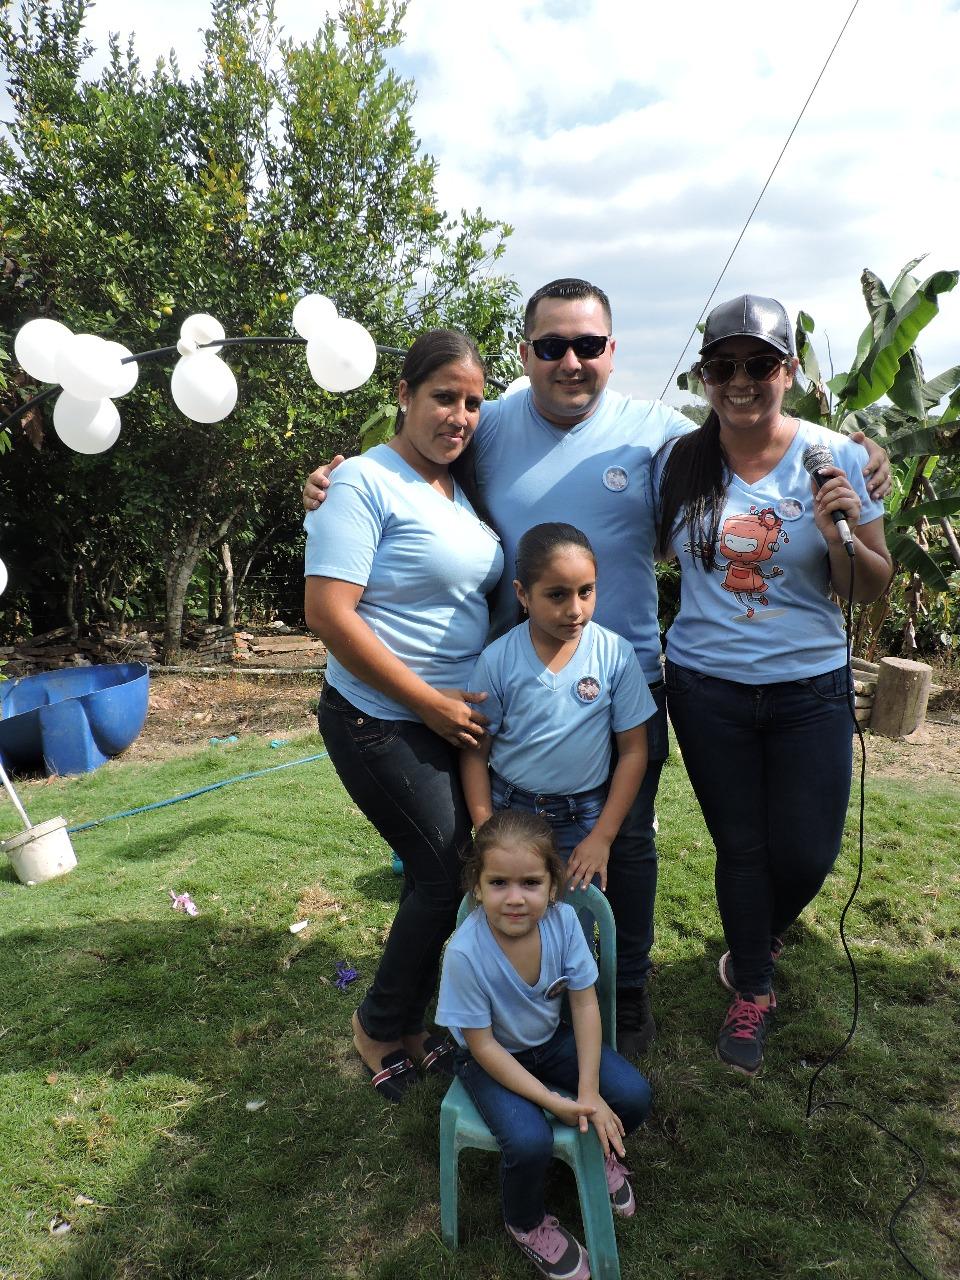 La familia de Blanca Amarilis Zambrano Risco (fallecida). A la derecha su hija Gabriela Loor, coorganizadora del encuentro.